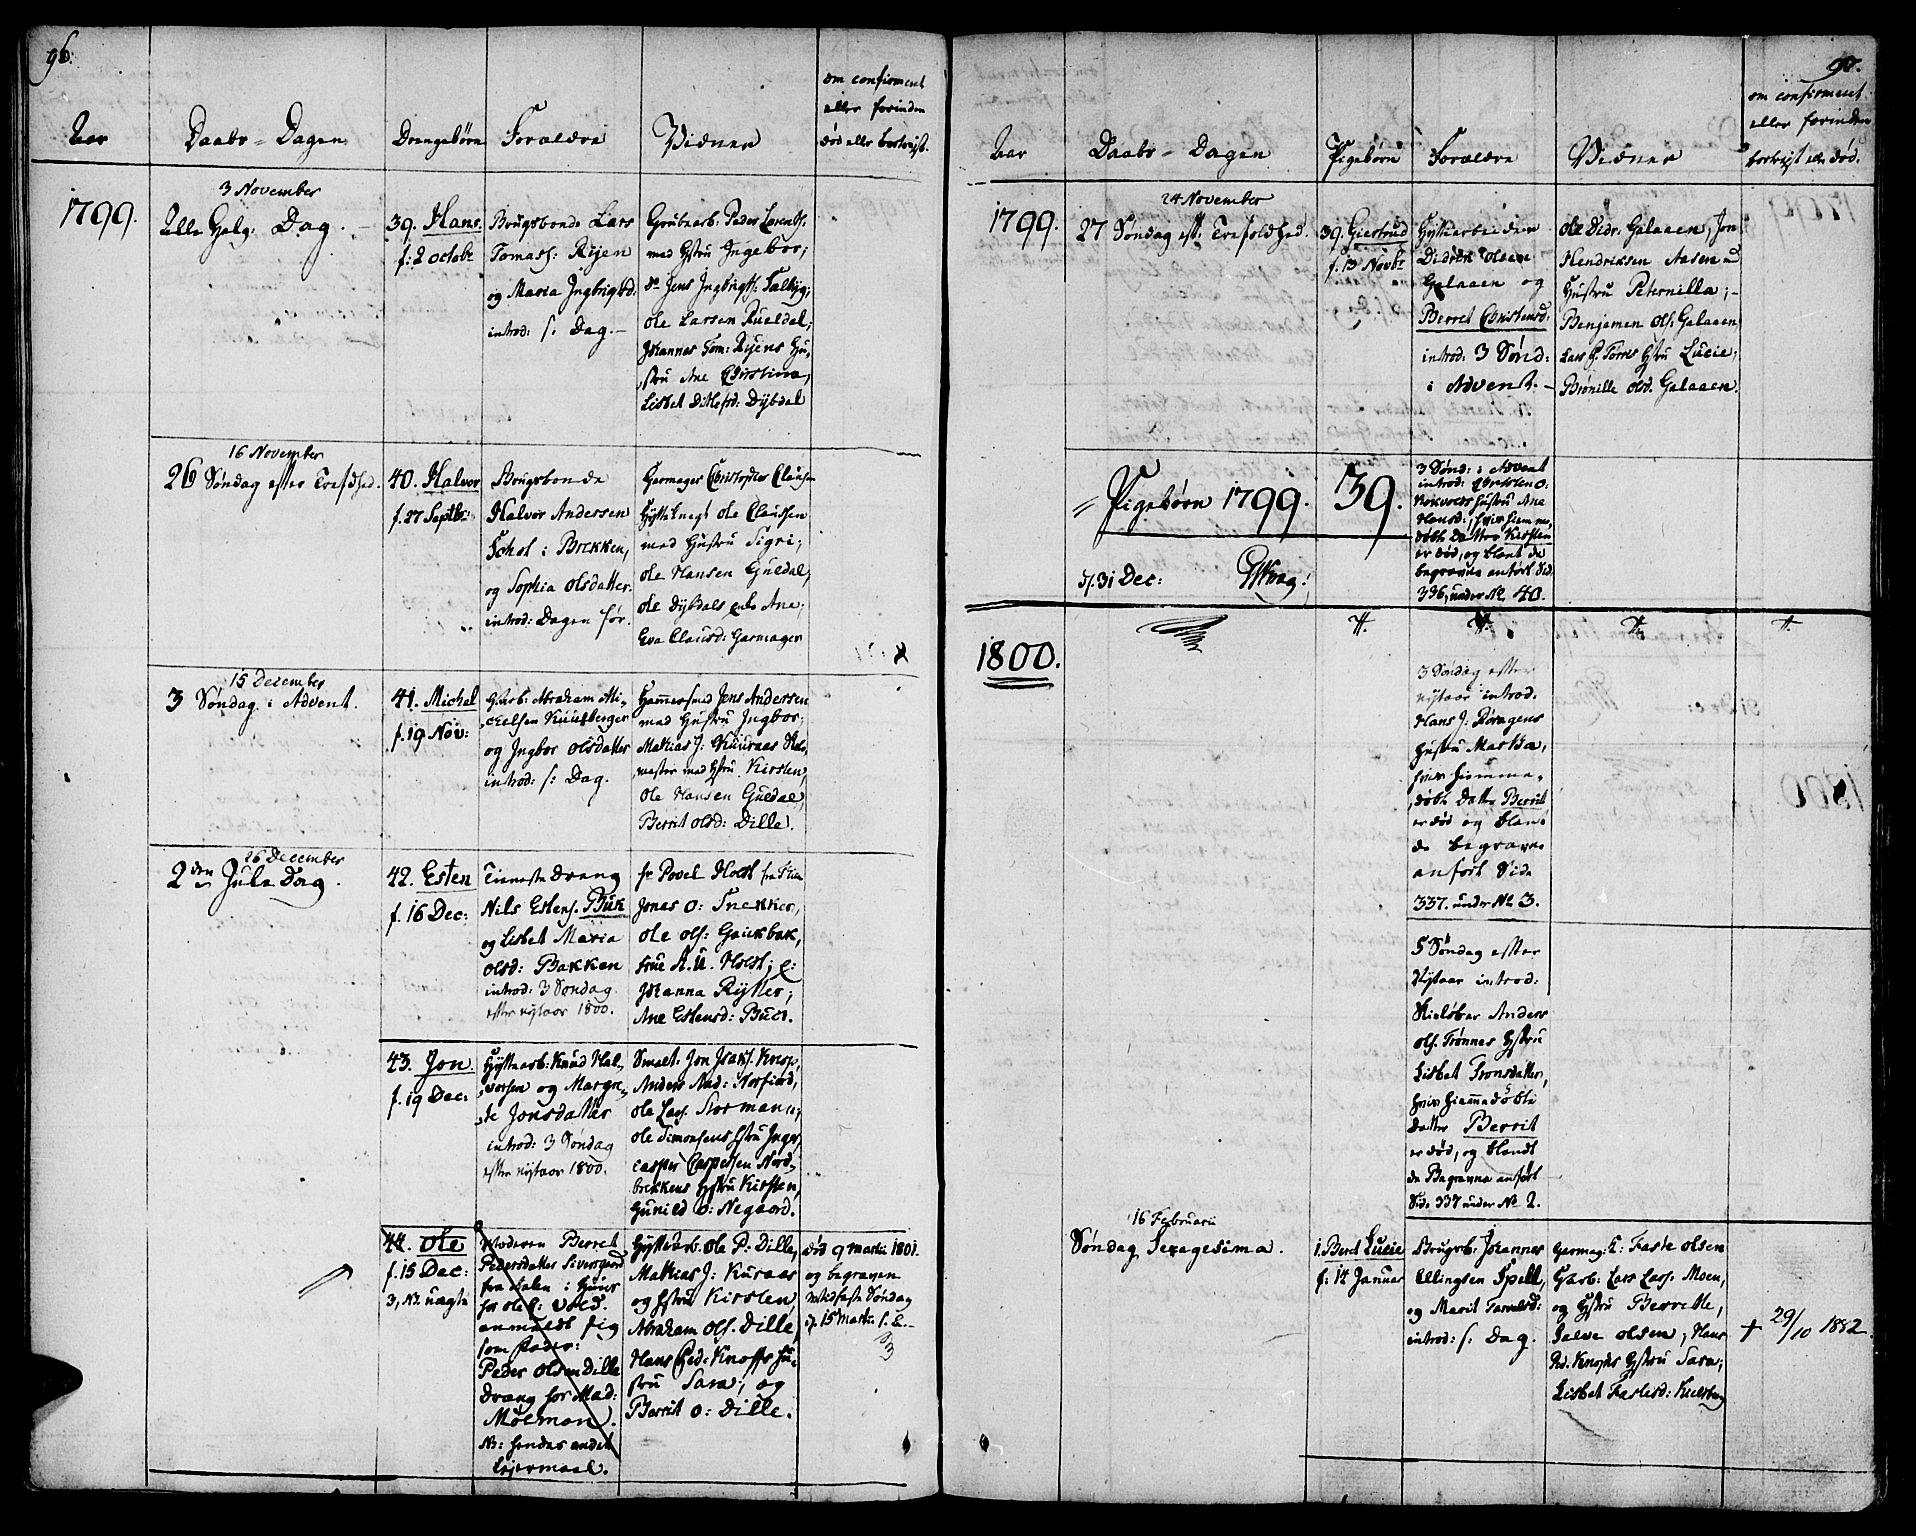 SAT, Ministerialprotokoller, klokkerbøker og fødselsregistre - Sør-Trøndelag, 681/L0927: Ministerialbok nr. 681A05, 1798-1808, s. 96-97